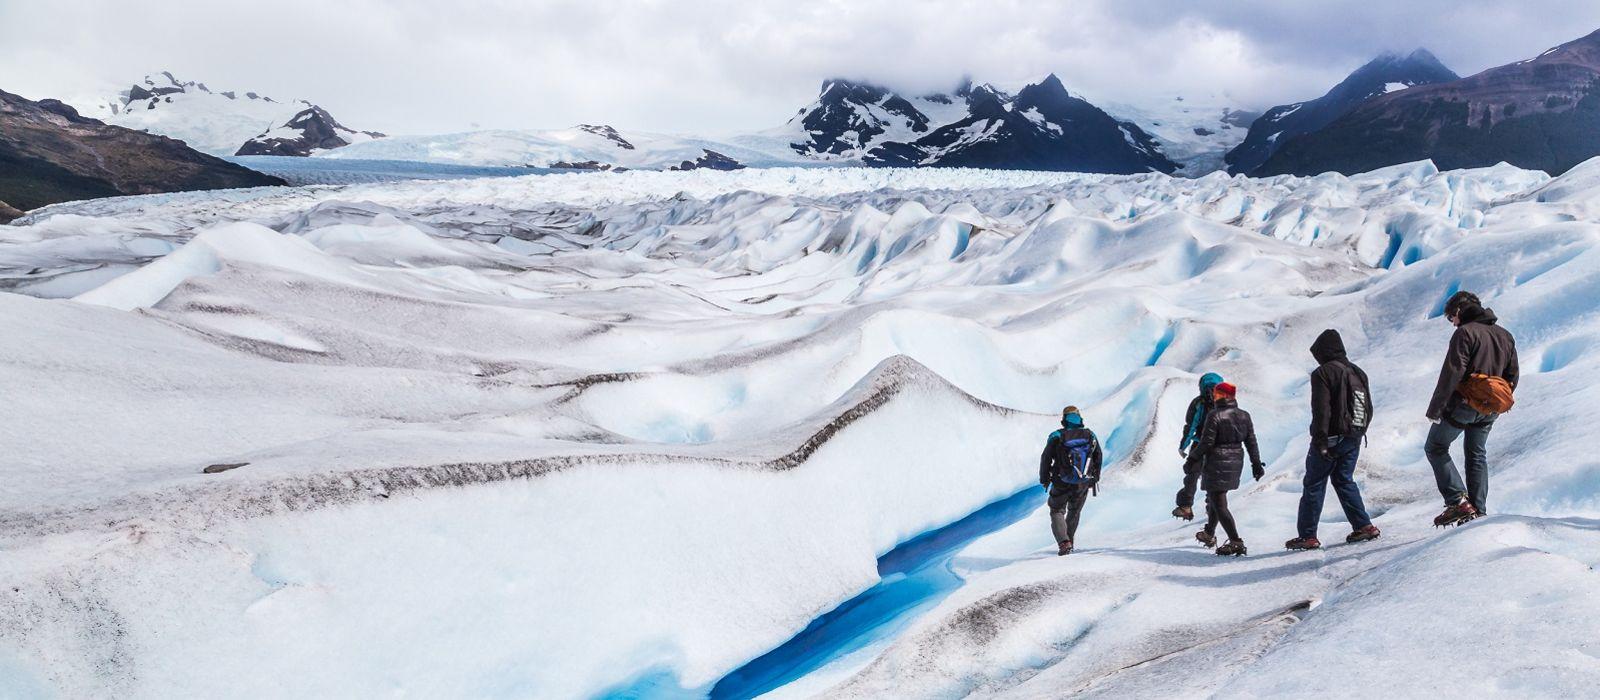 Die unberührte Schönheit Patagoniens & Abstecher in die Antarktis Urlaub 5